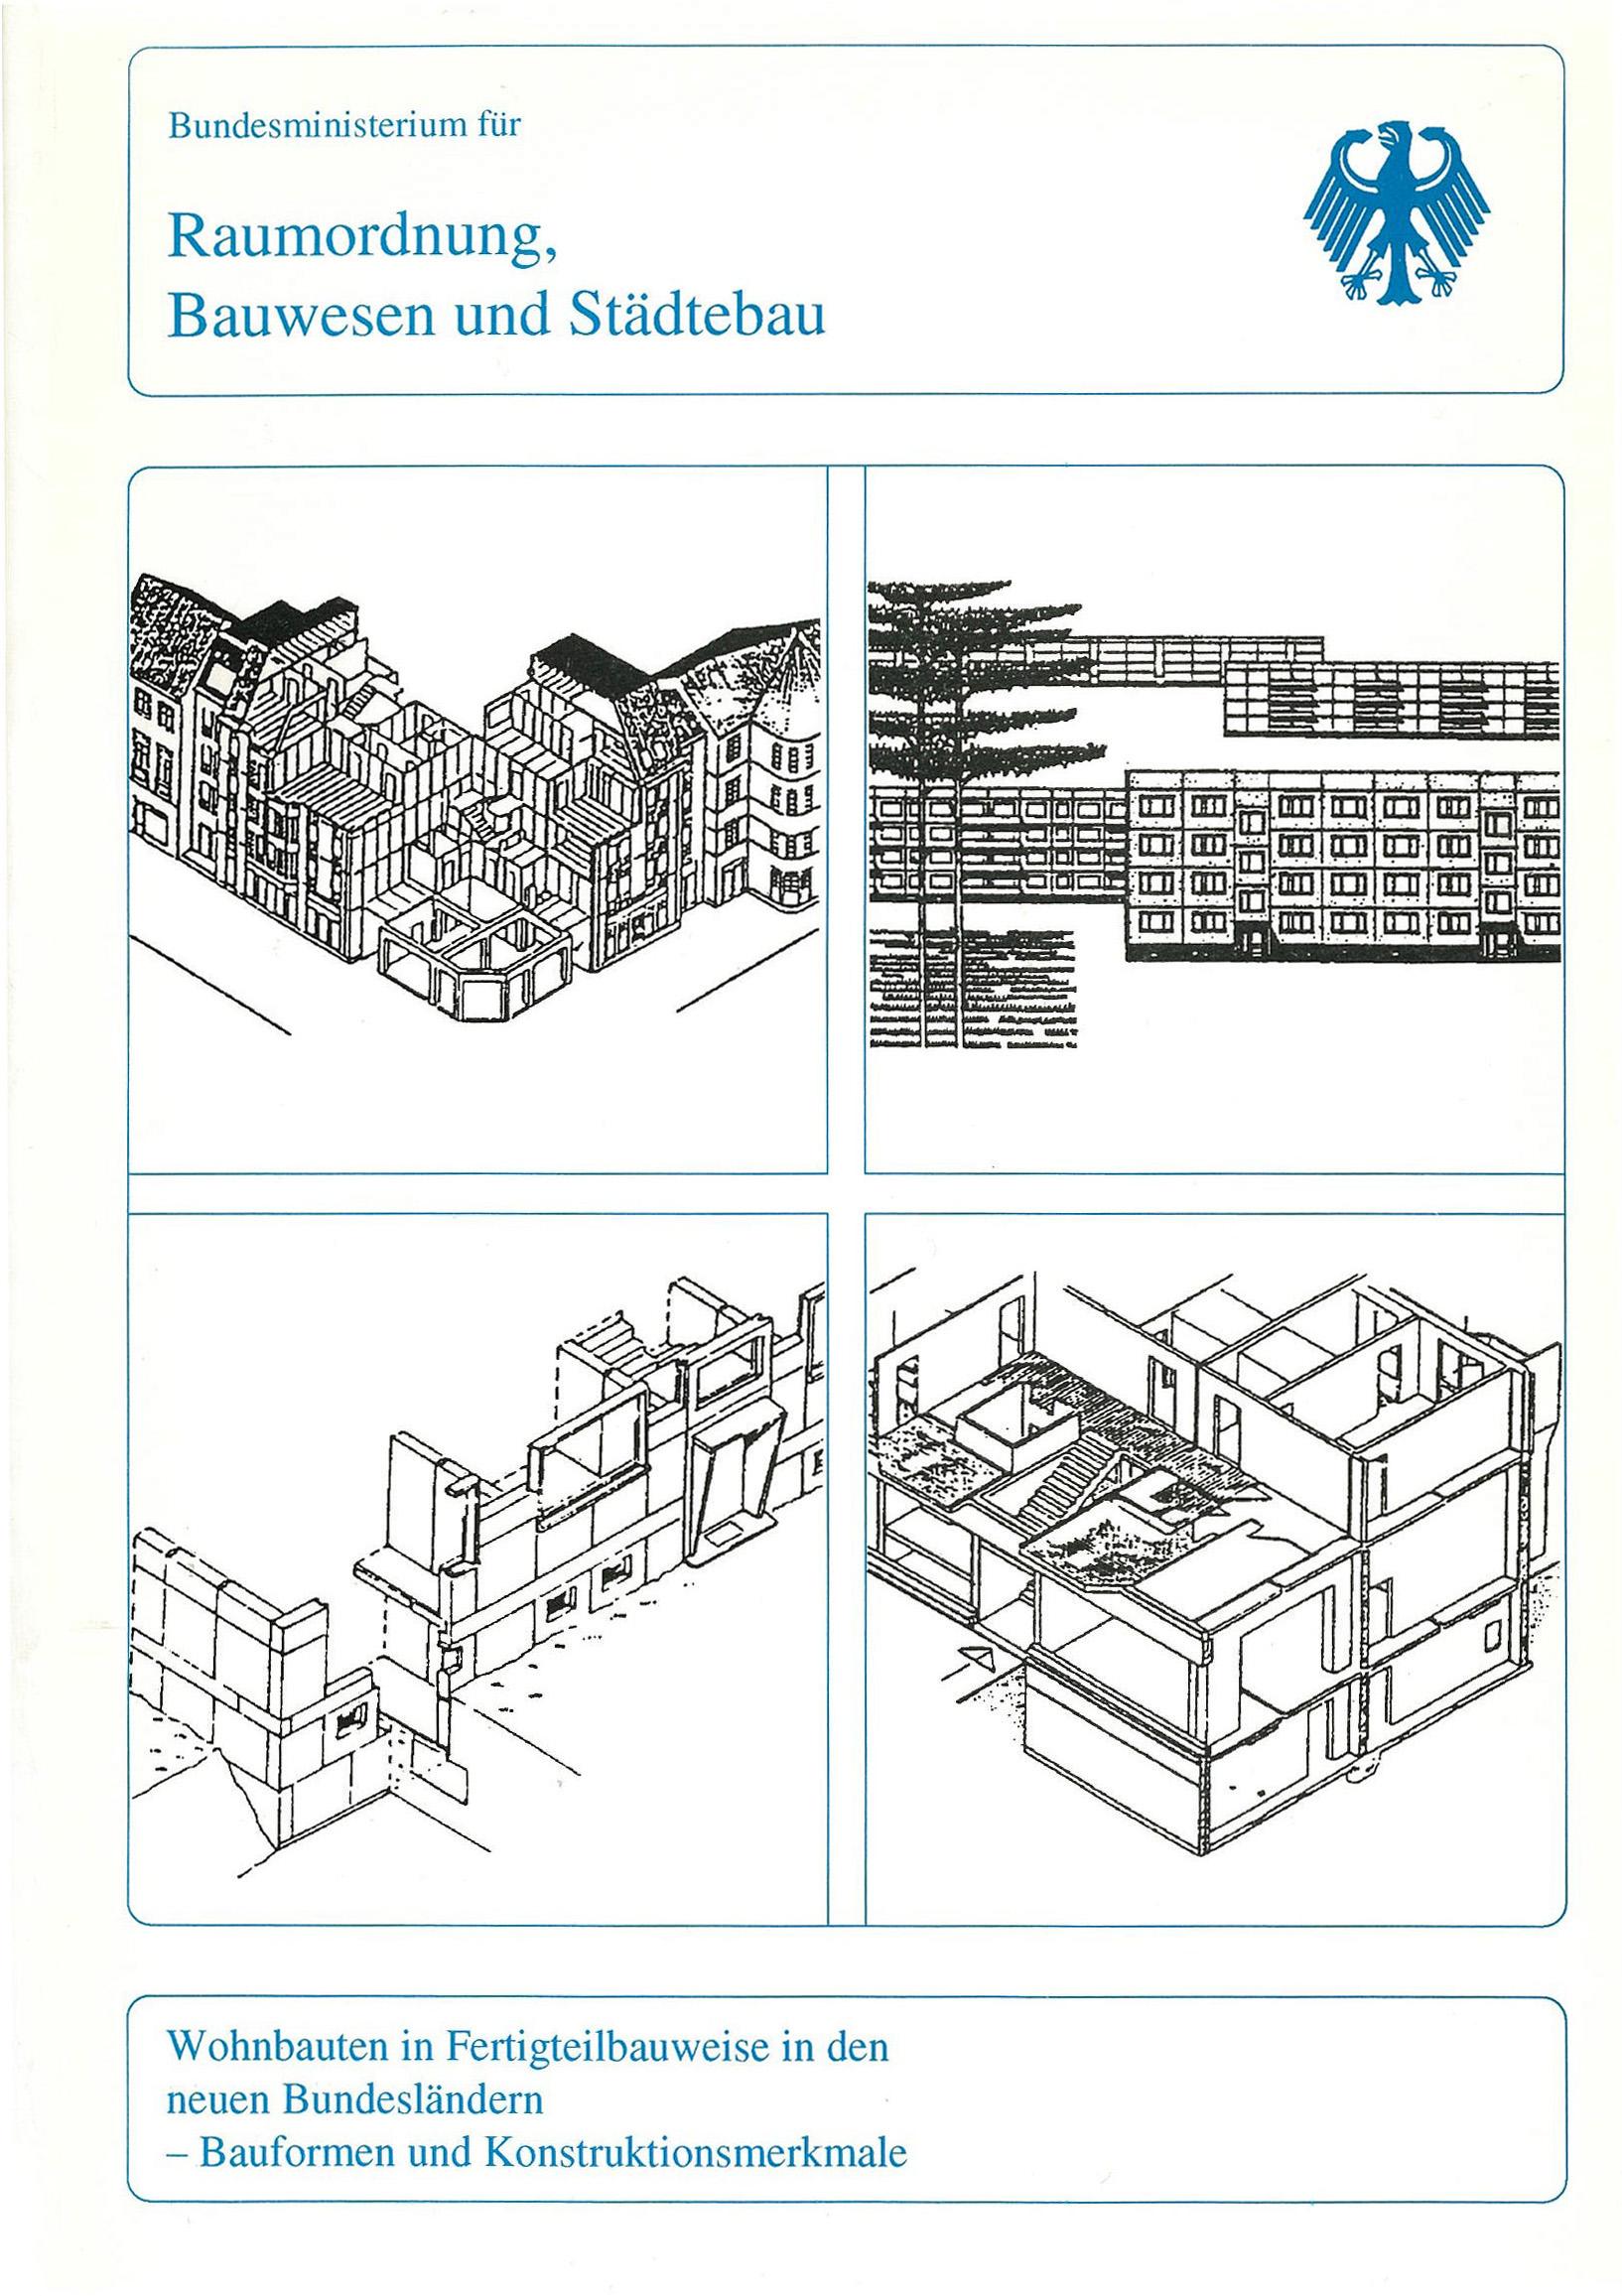 Wohnbauten in Fertigteilbauweise in den neuen Bundeländern – Bauformen und Konstruktionsmerkmale